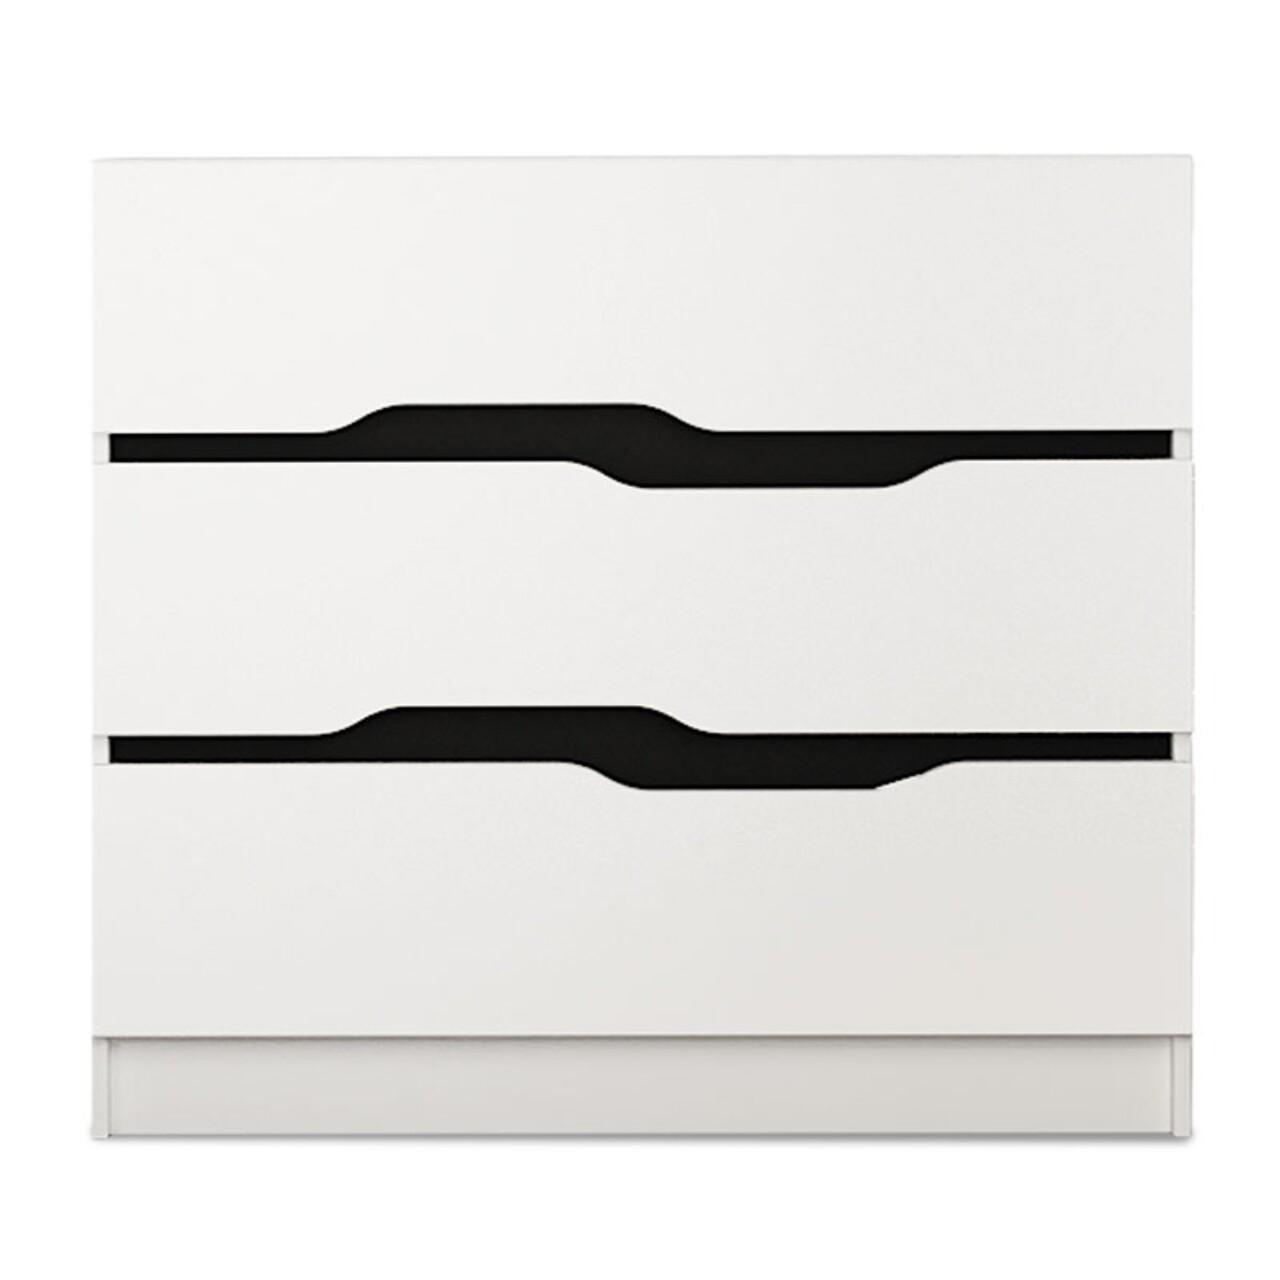 Comoda Comfy, Pakoworld, 100x38.5x71 cm, PAL melaminat, alb/negru